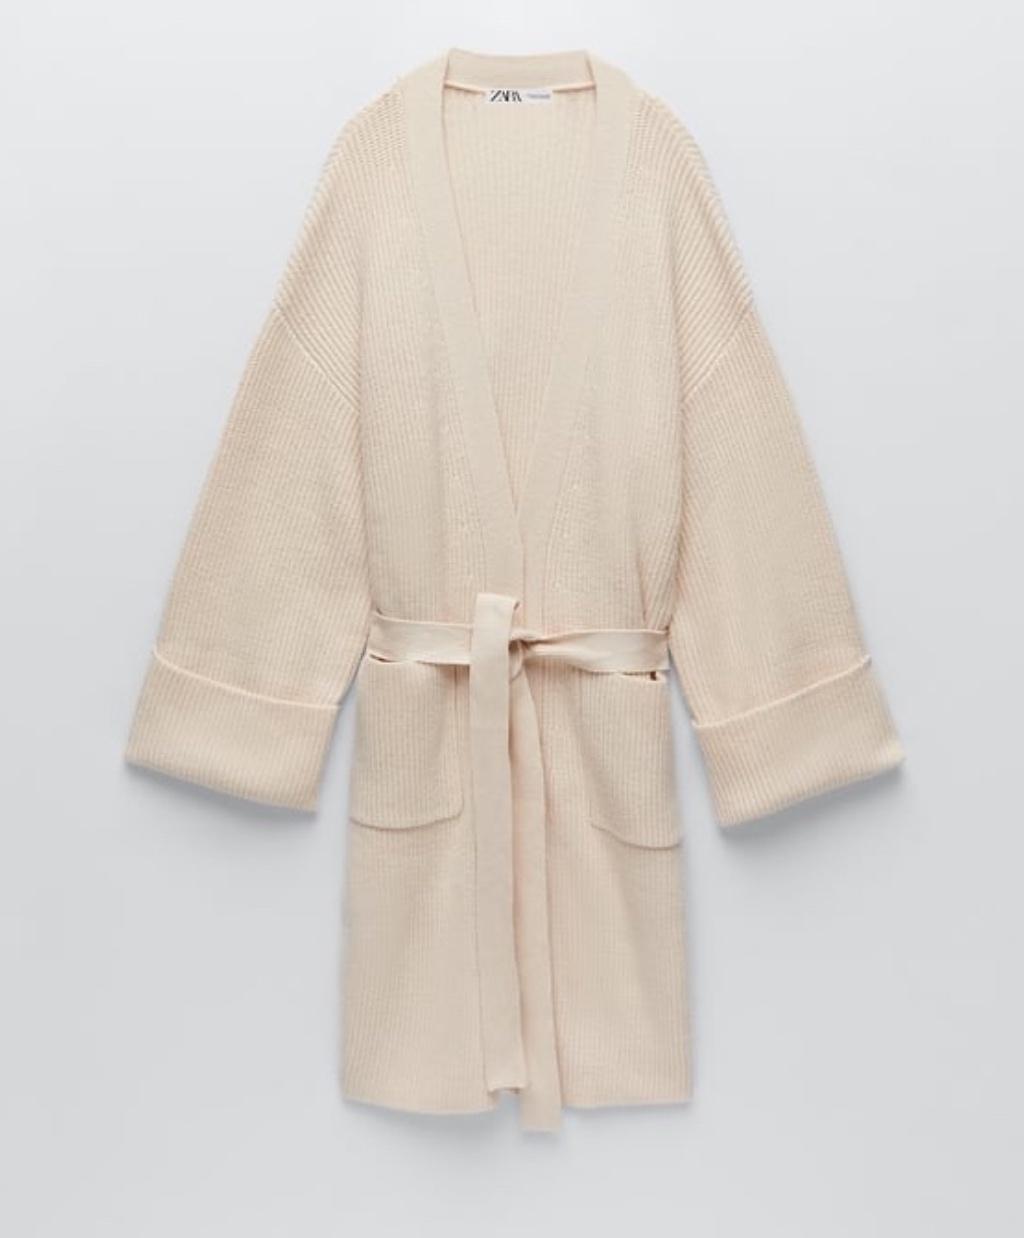 Πλέκτη ζακέτα με ζώνη  29,95 EUR Zara